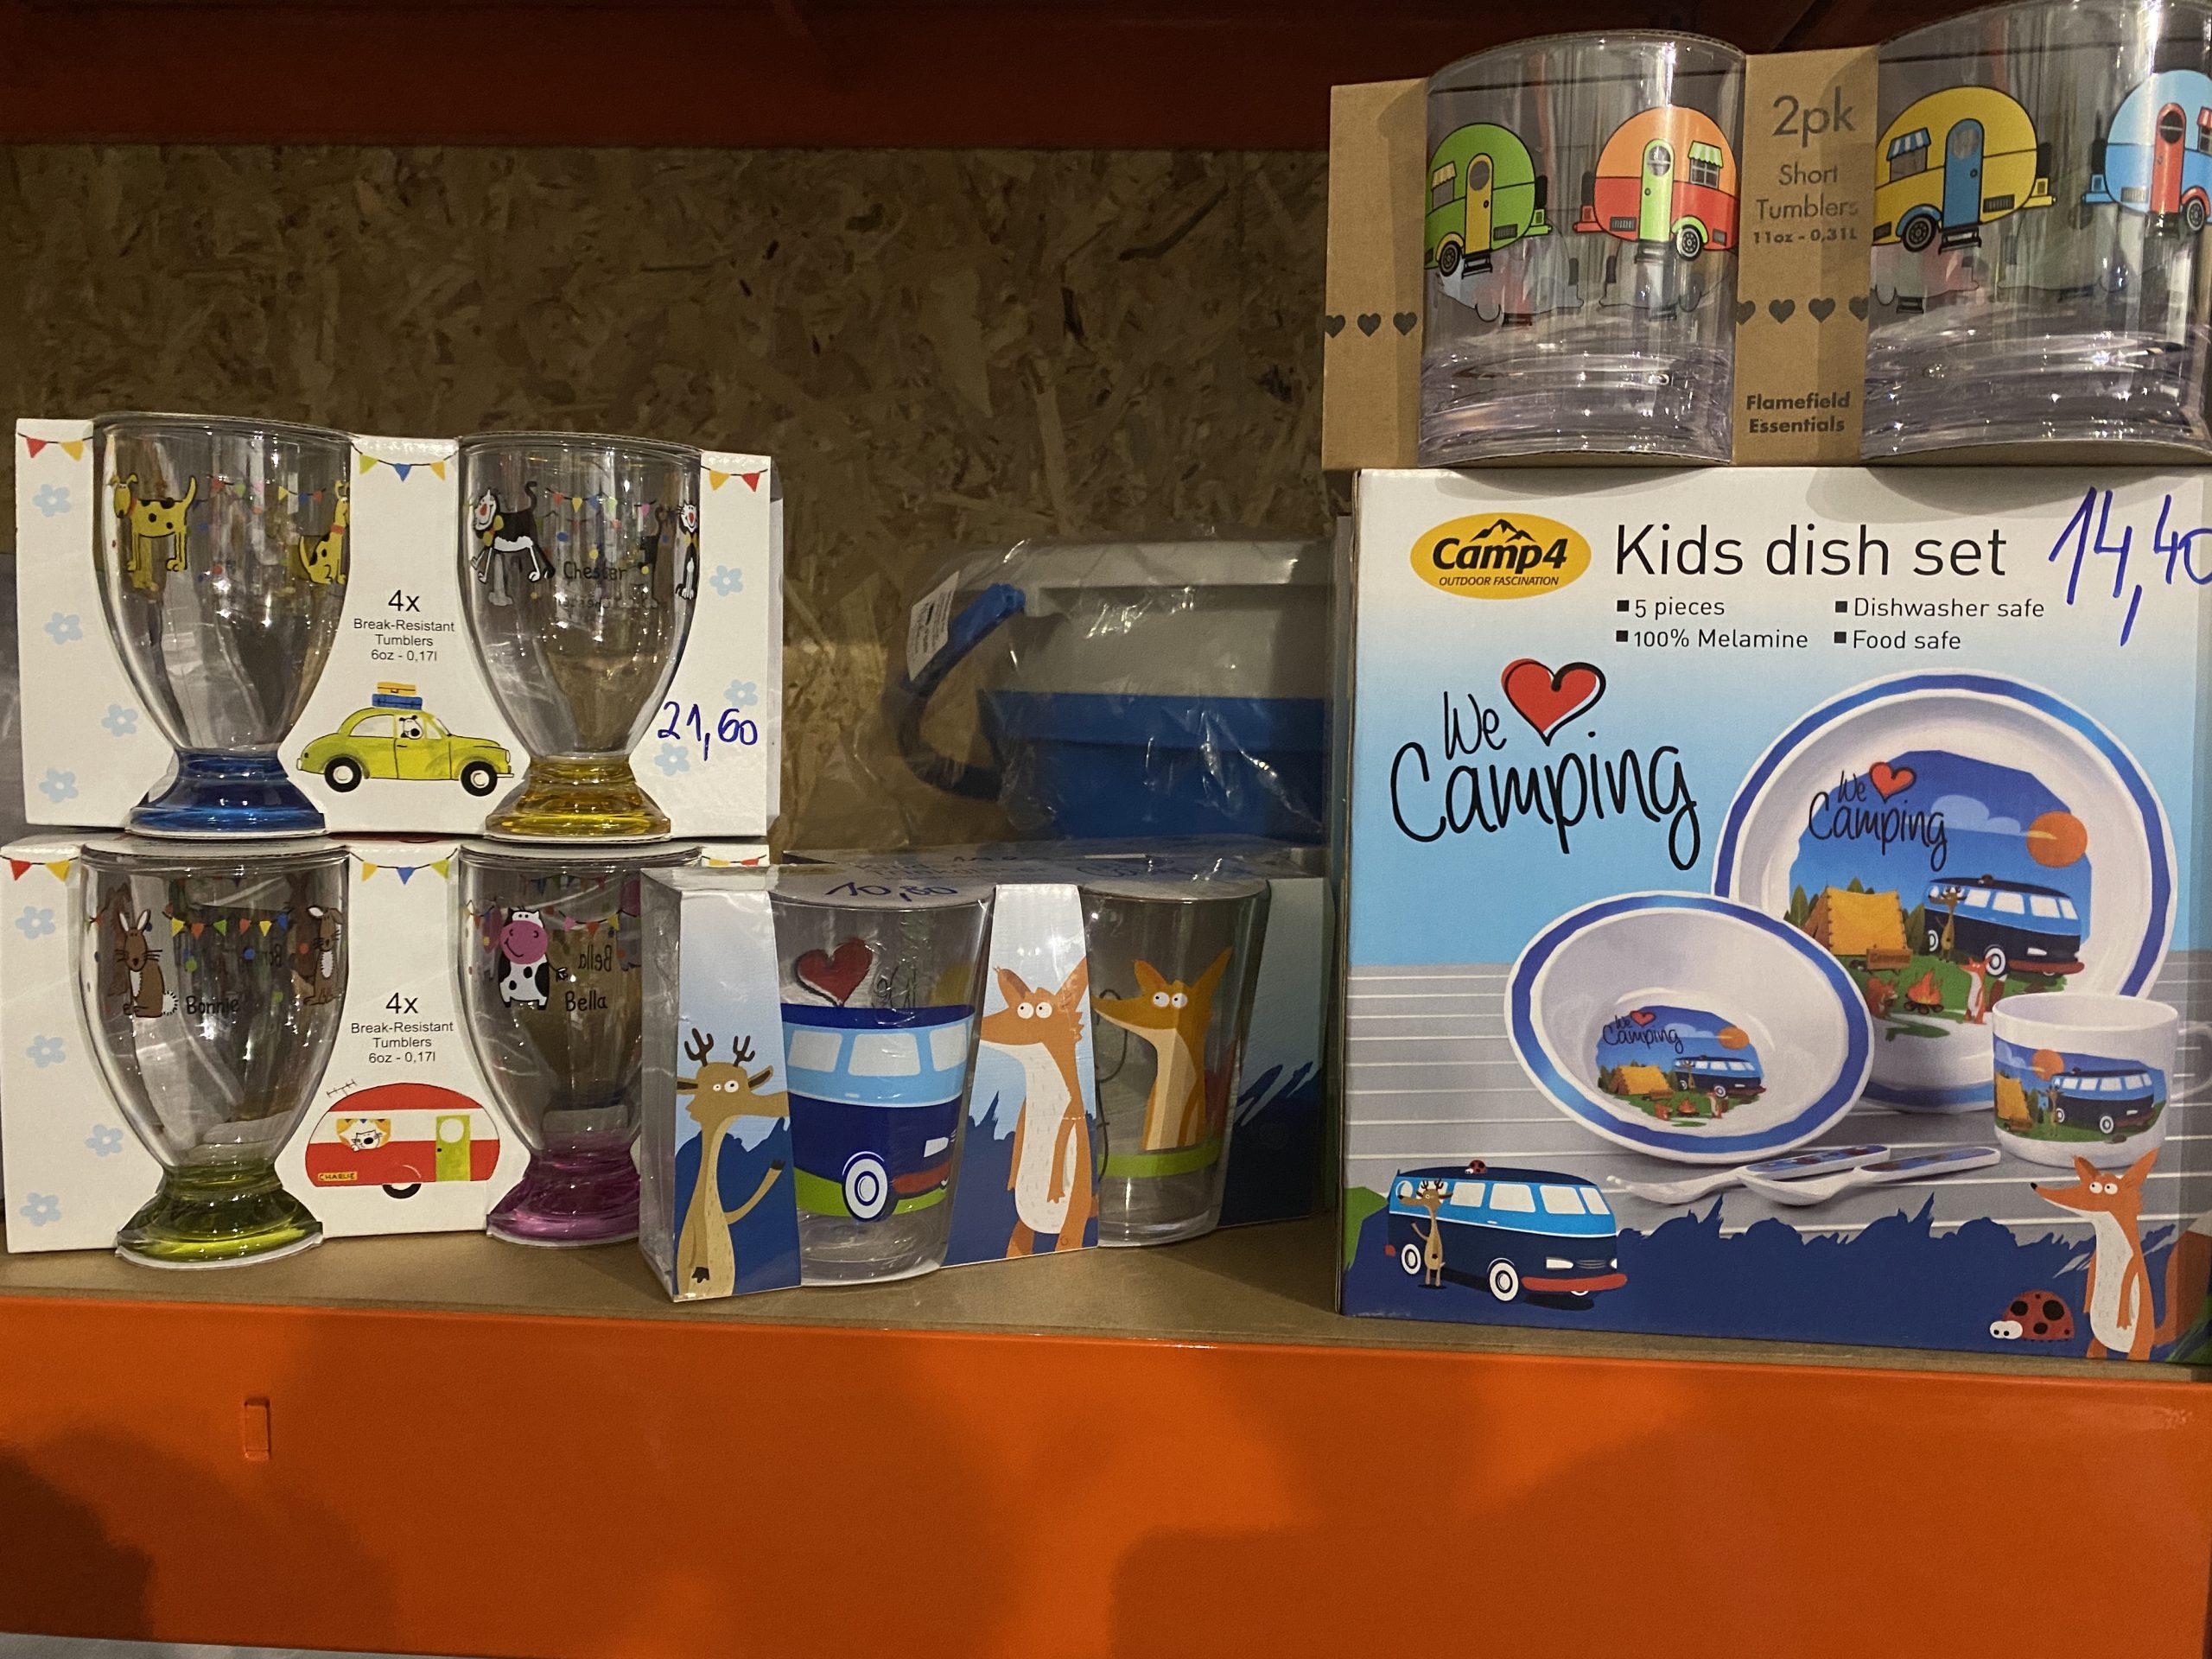 Doplnky na kempovanie- poháre,príbory,taniere a pod. Image